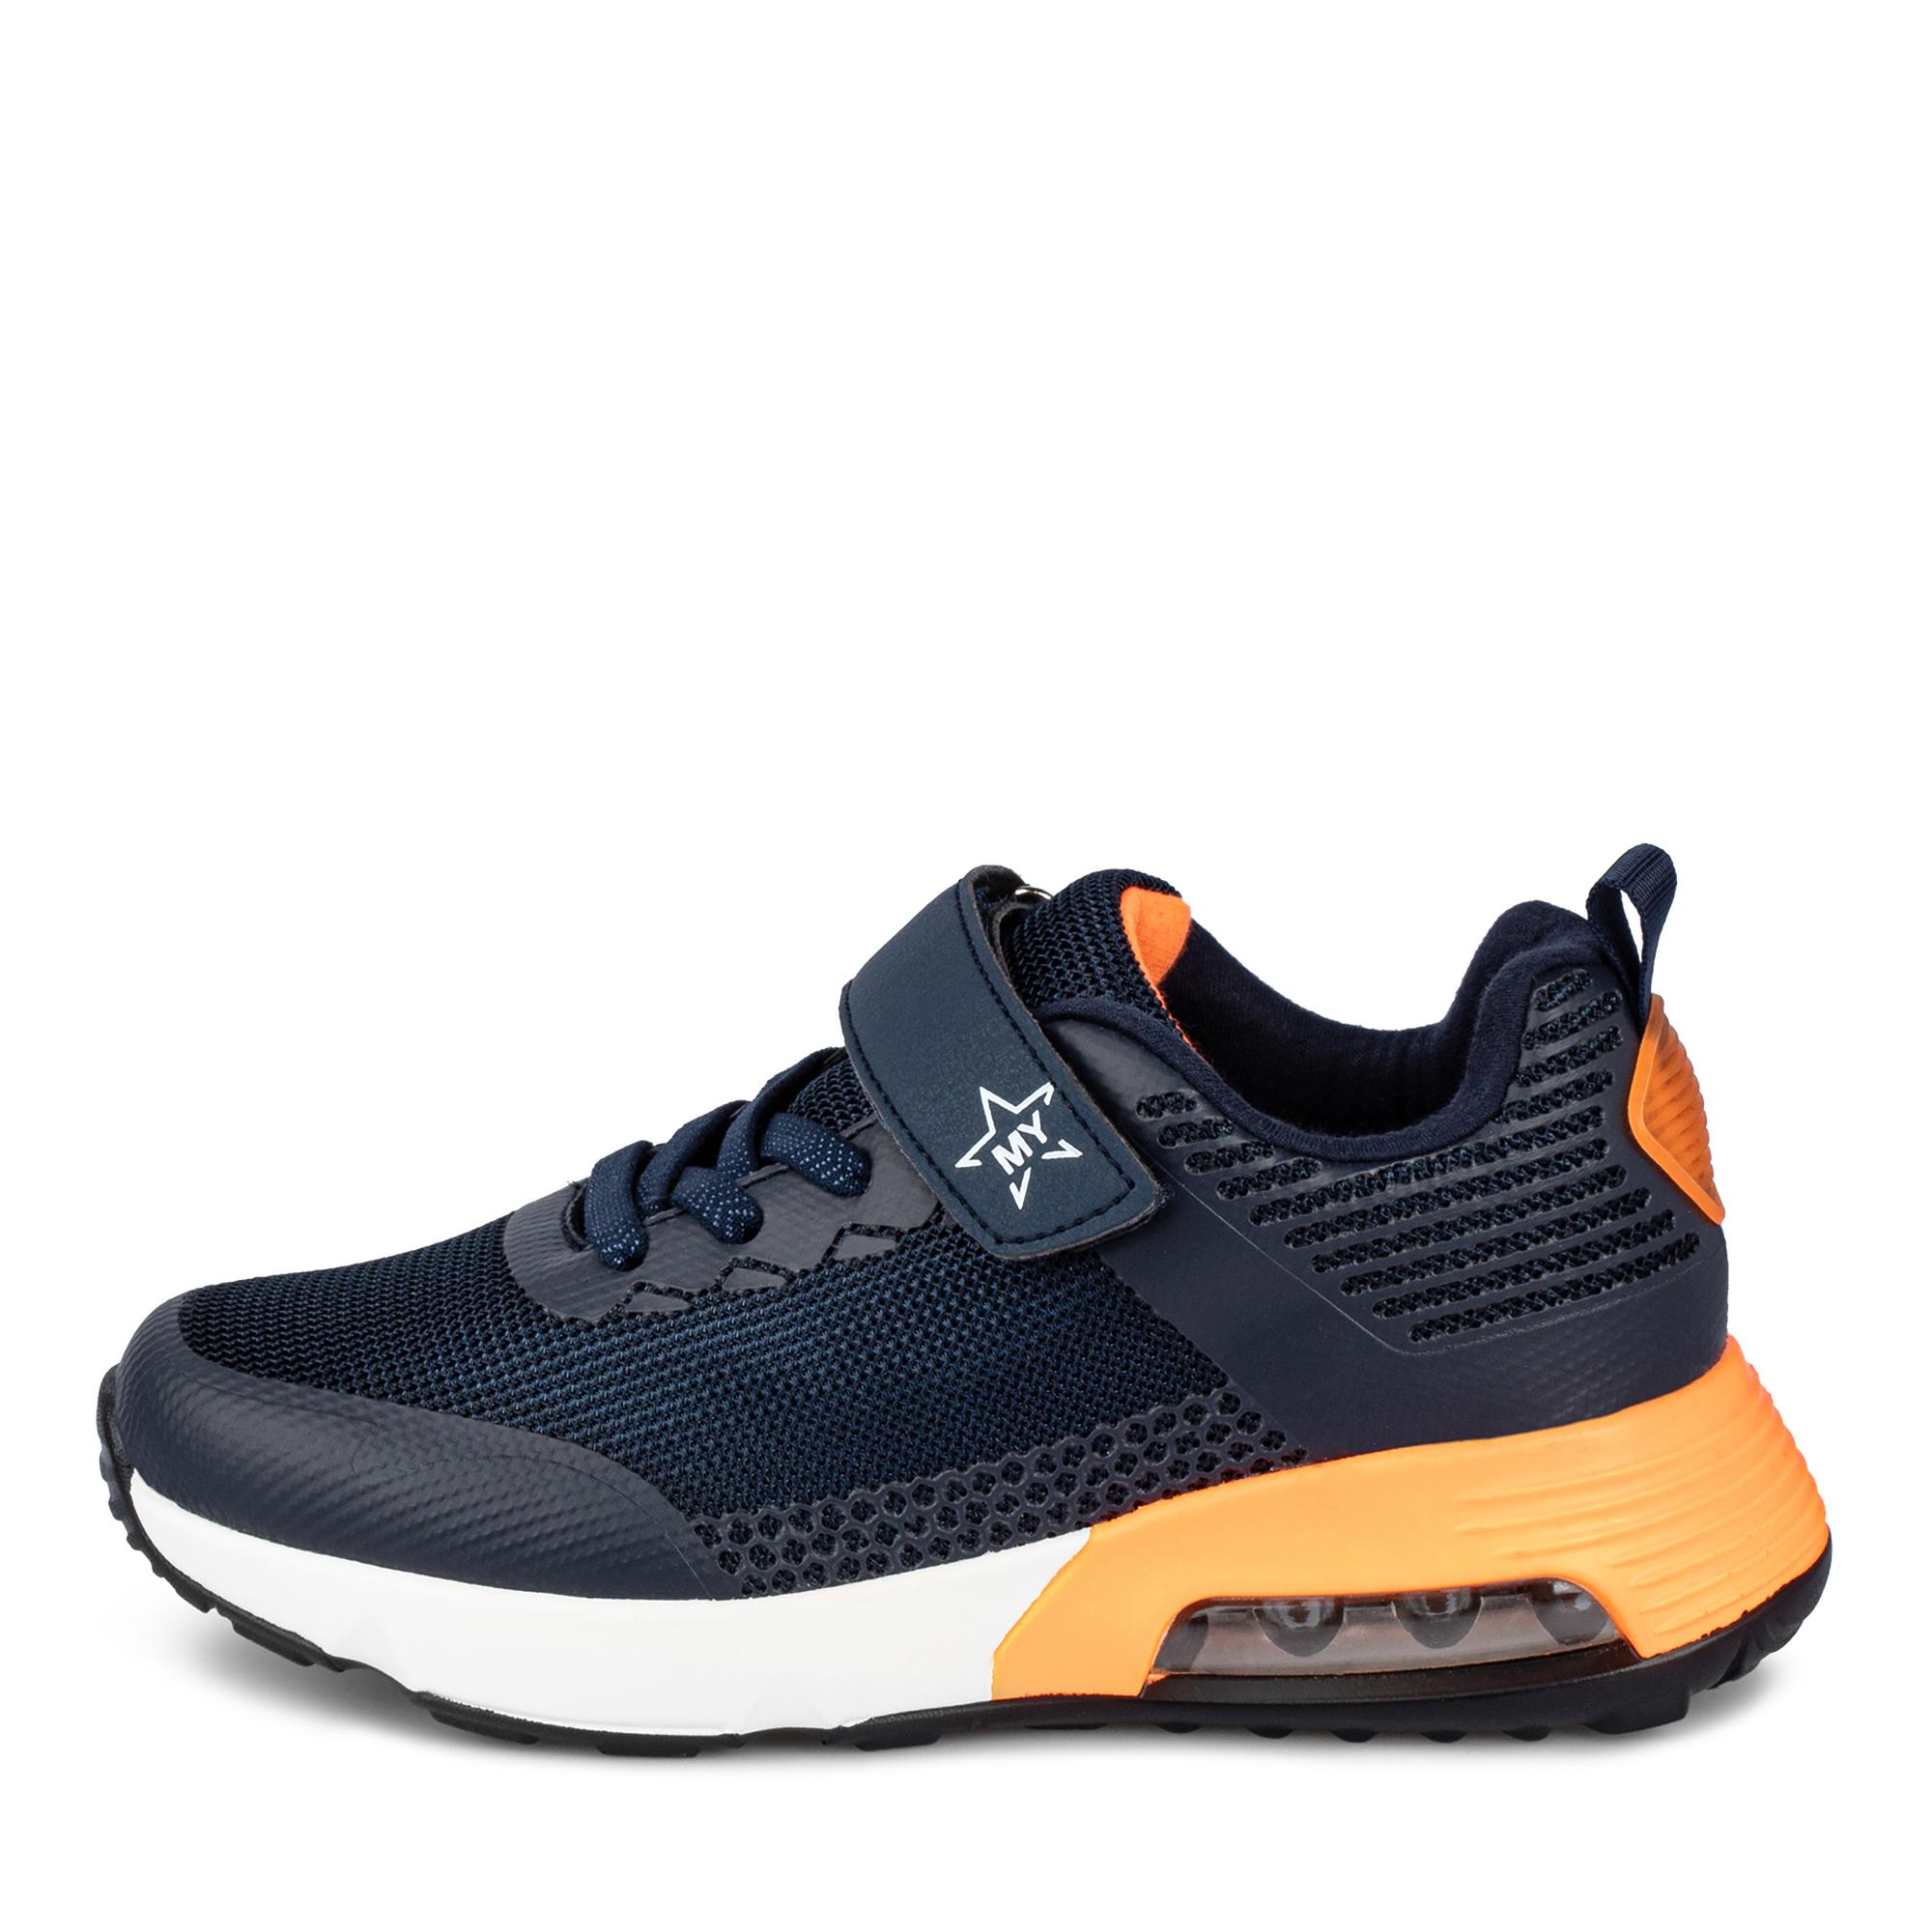 Обувь для мальчиков MUNZ YOUNG 189-285A-2203